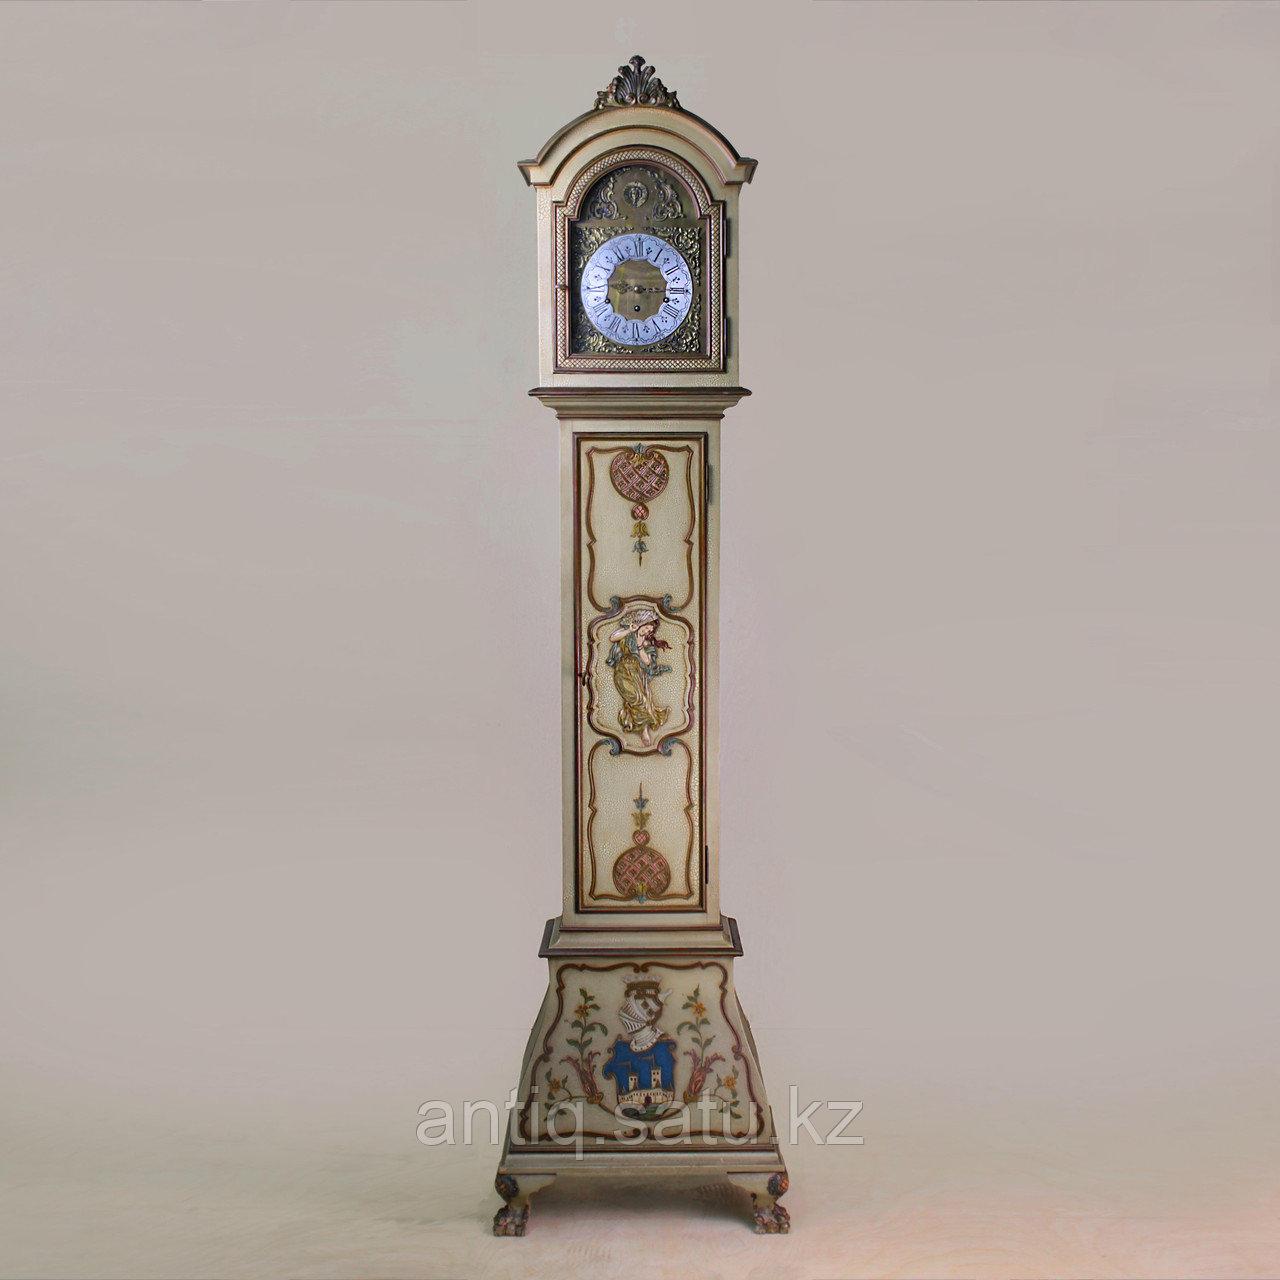 Напольные часы с рыцарским гербом. Германия. Середина ХХ века - фото 1